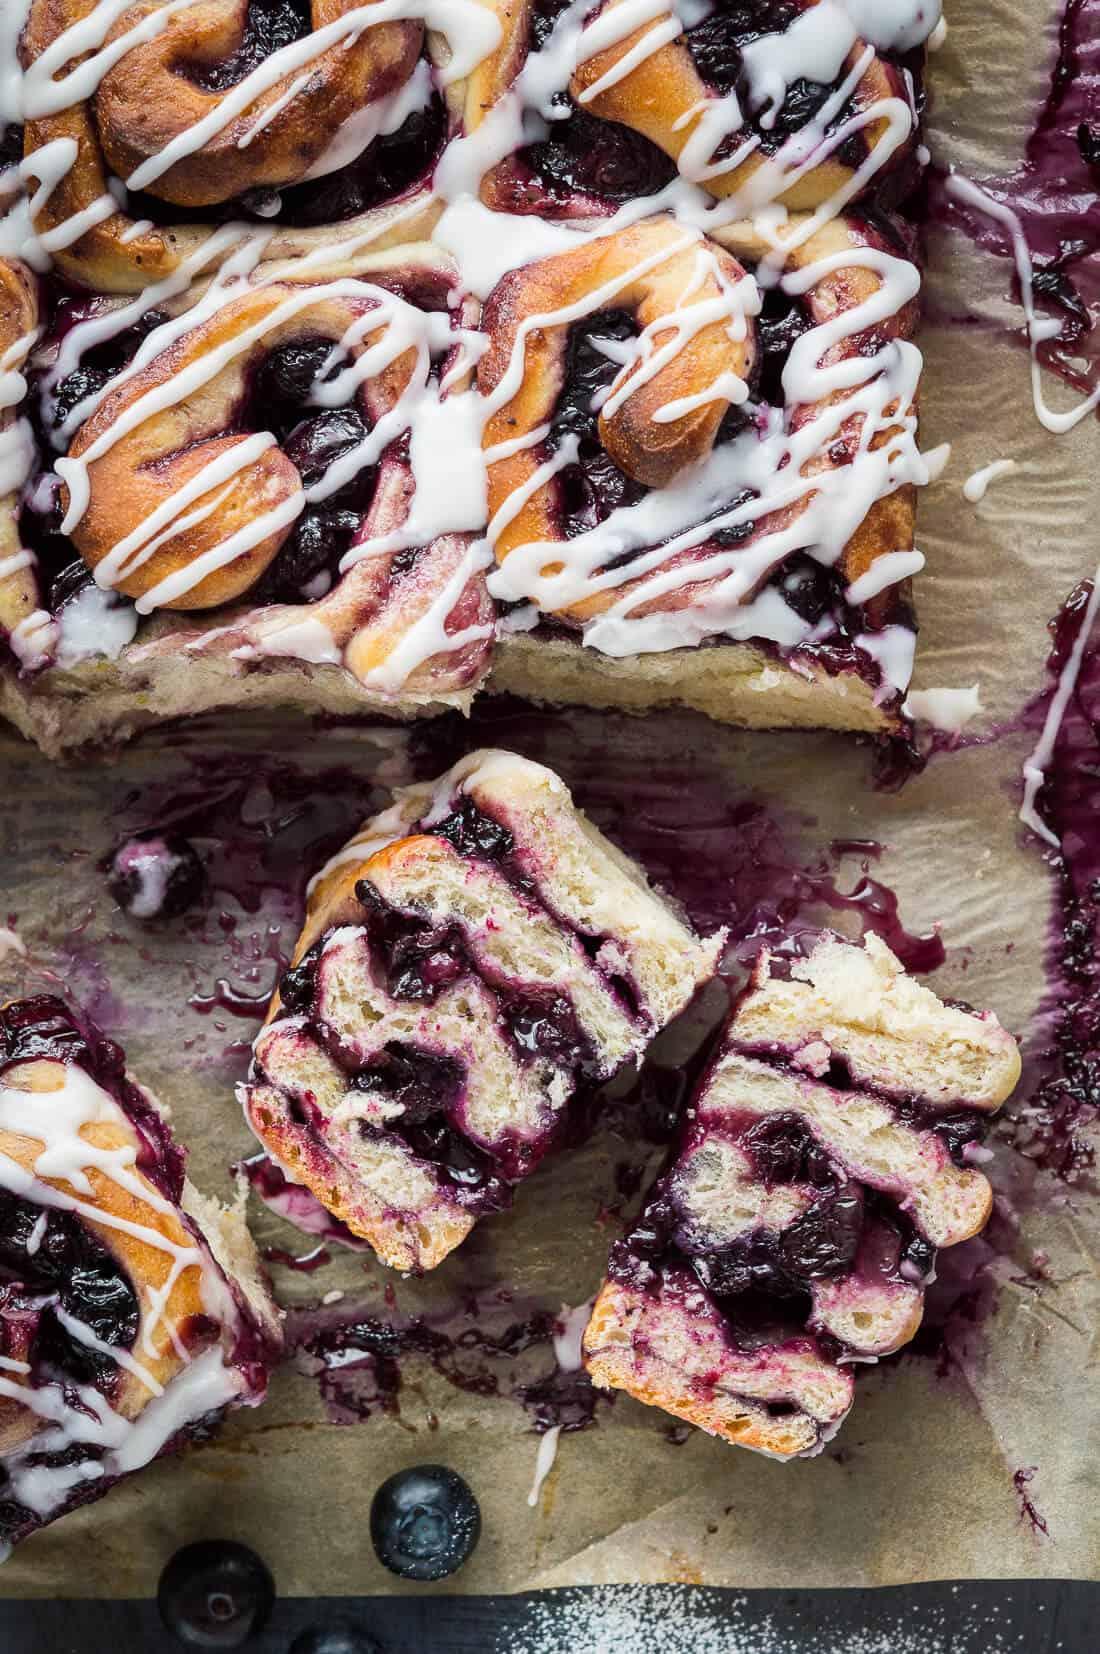 Vegan lemon blueberry sweet rolls filled with blueberry jam and fresh blueberries, topped with a lemon glaze.